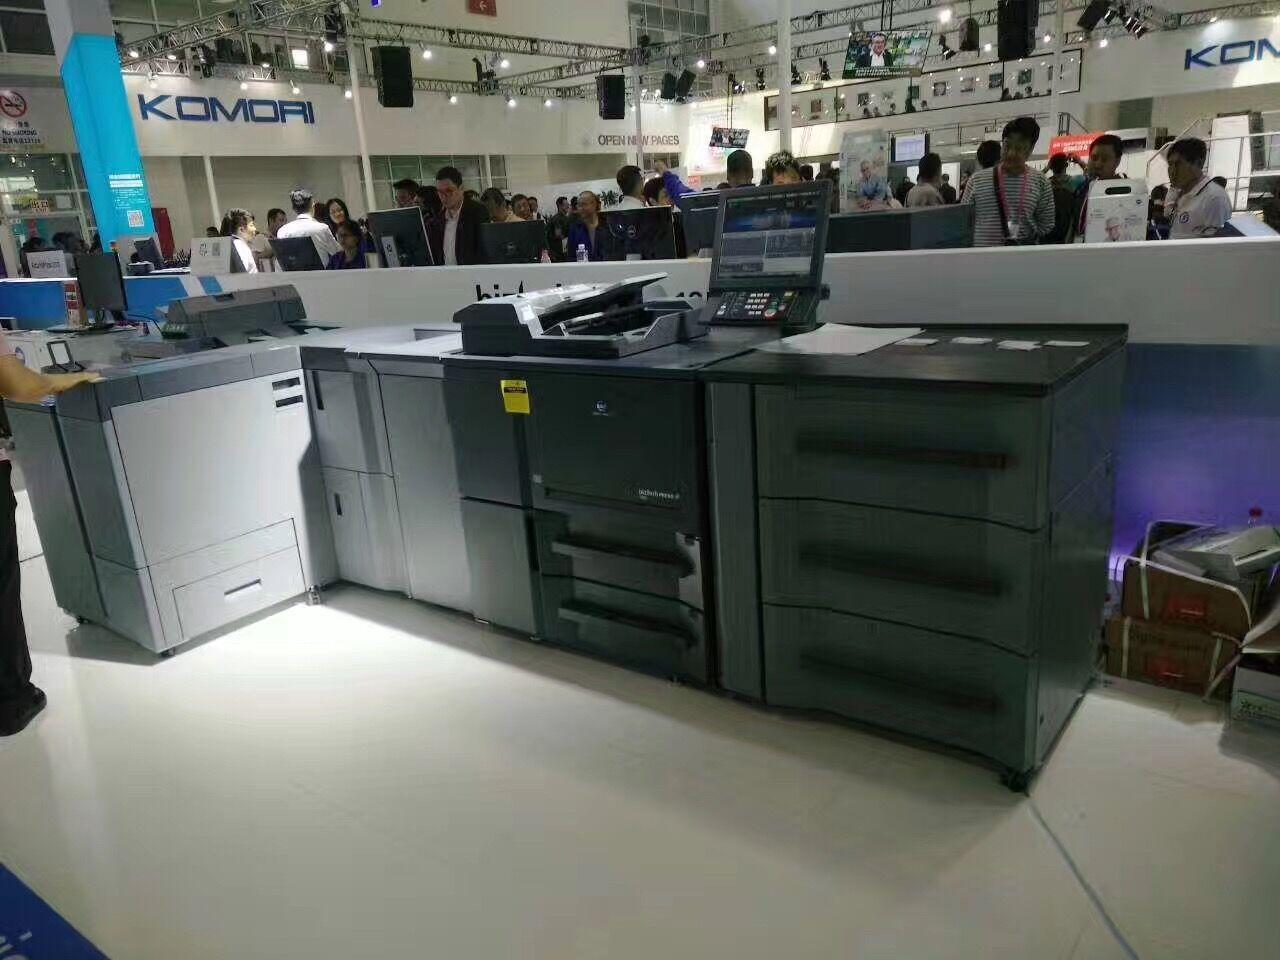 福州数码印刷机租赁厂家-可信赖的数码印刷机厂家就是科彩数码